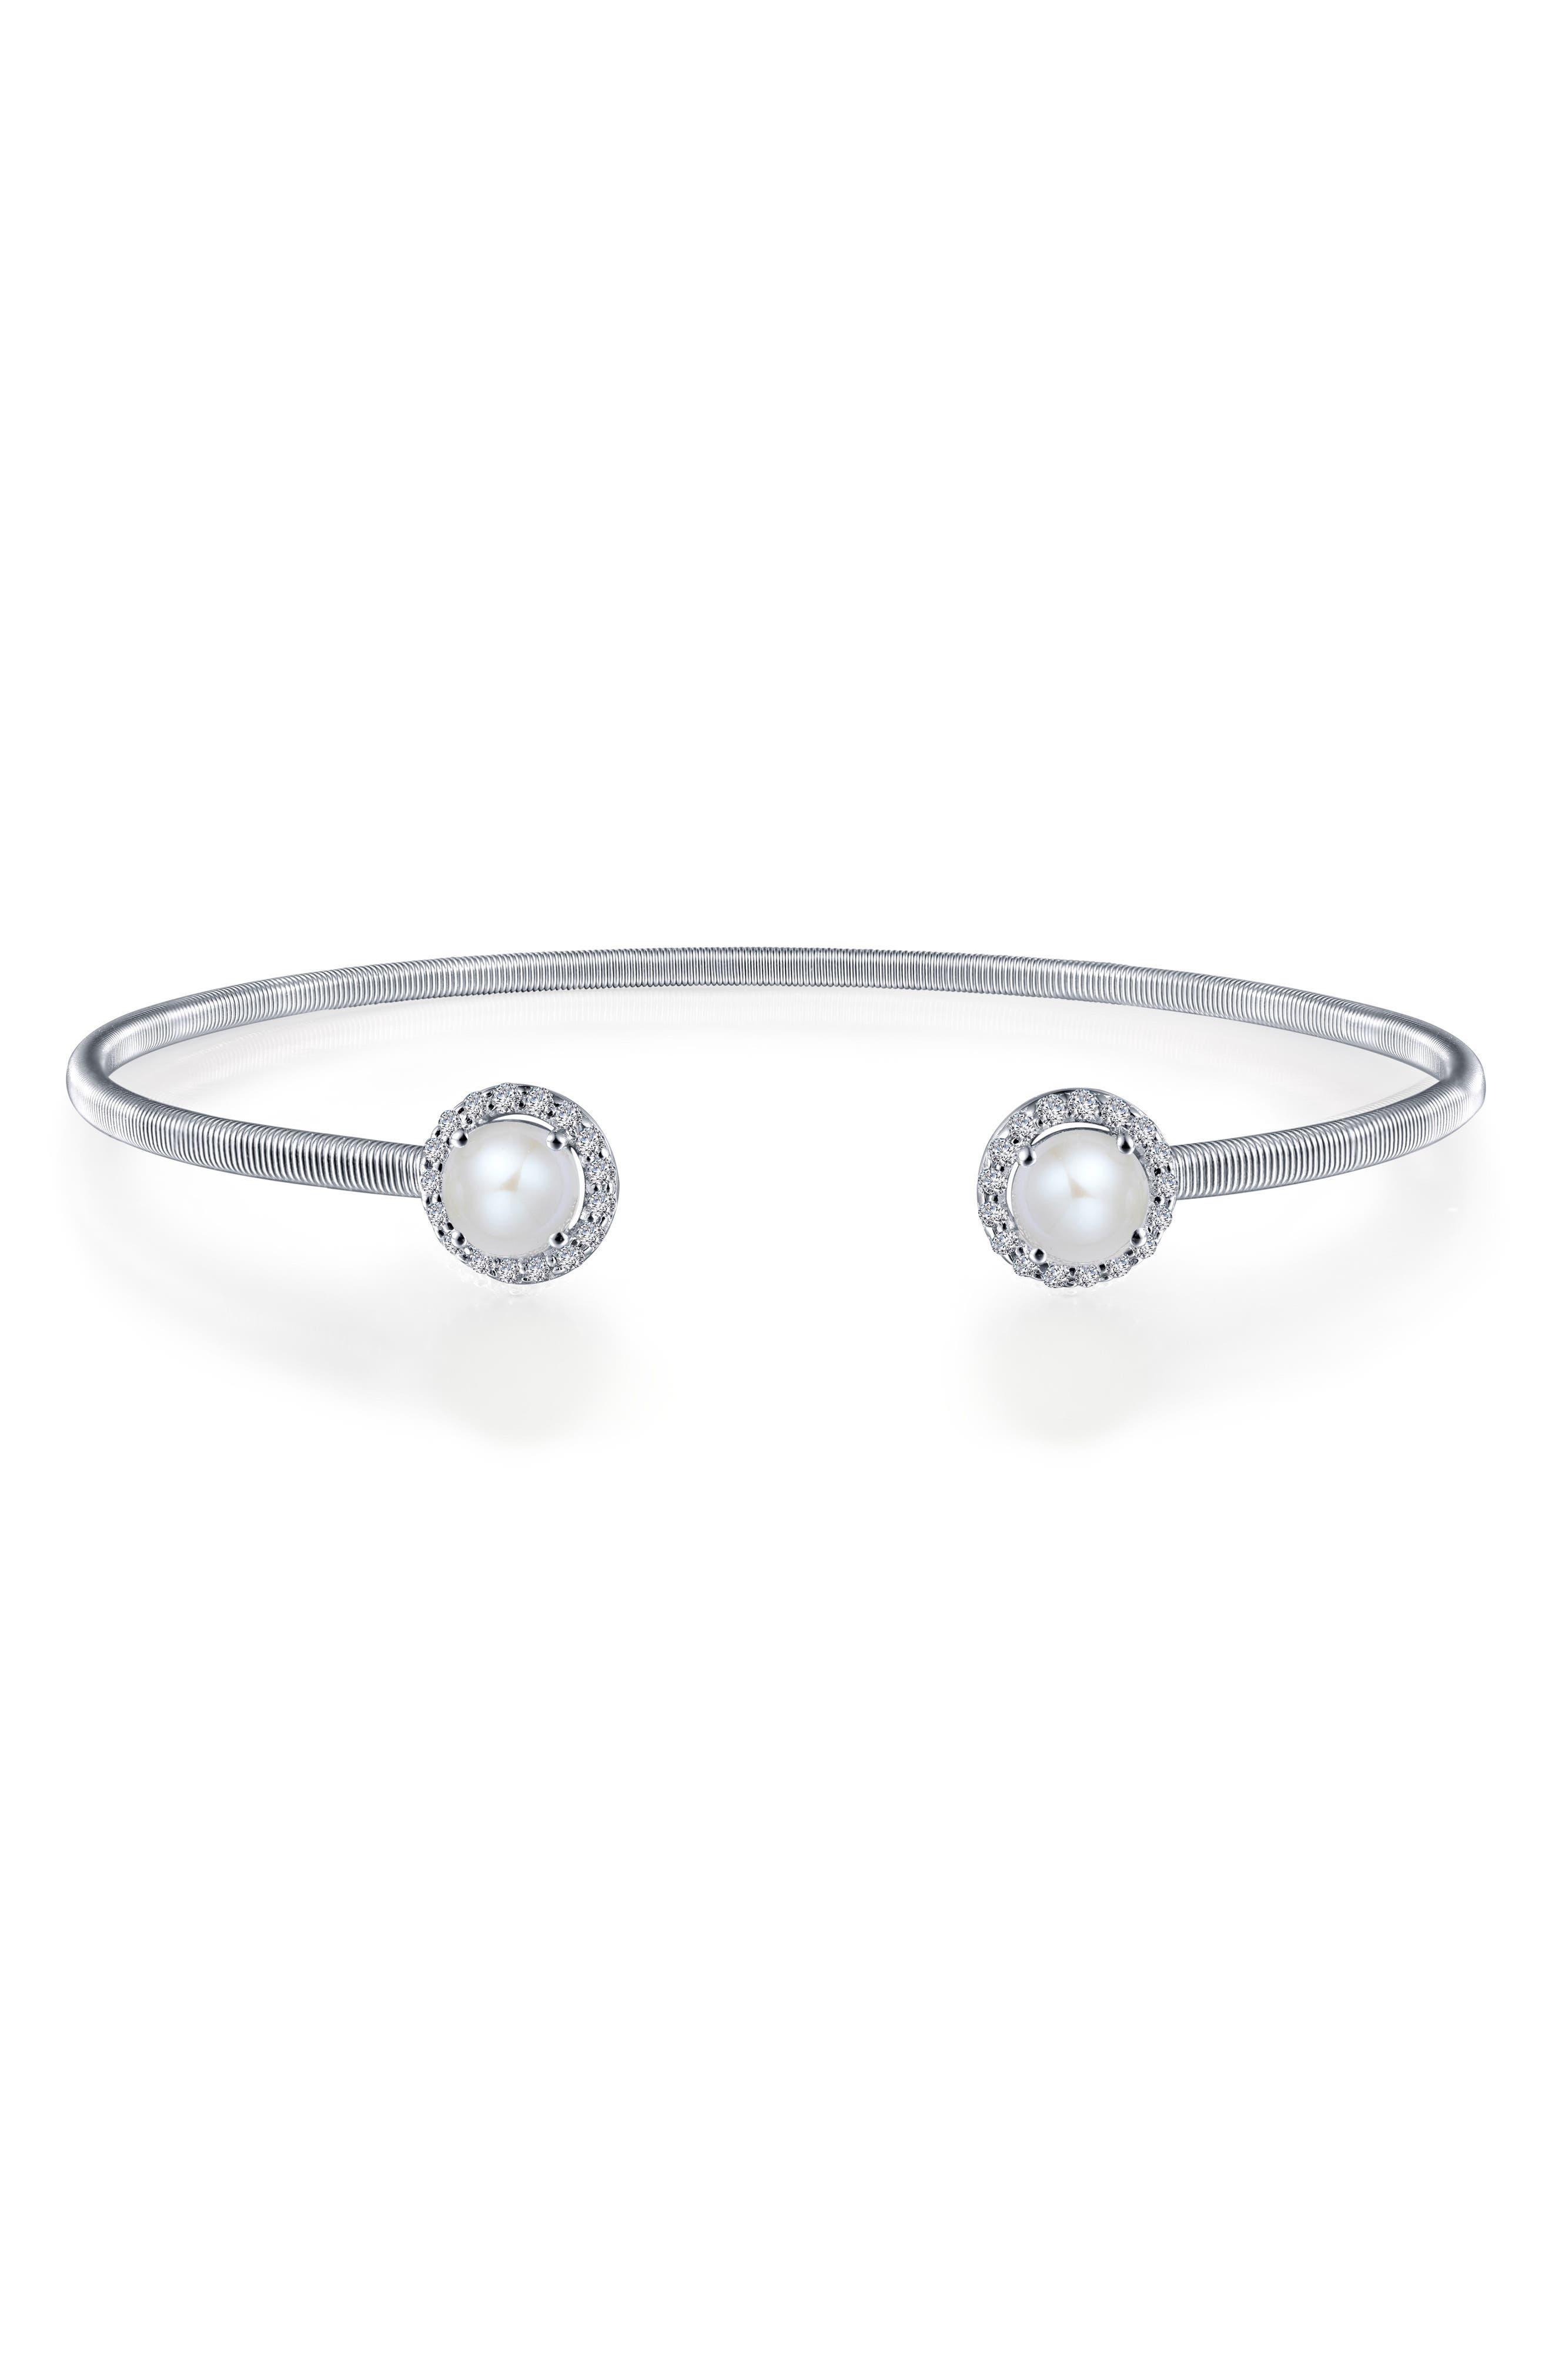 Lassaire Simulated Diamond Cuff,                         Main,                         color, Silver/ June Pearl